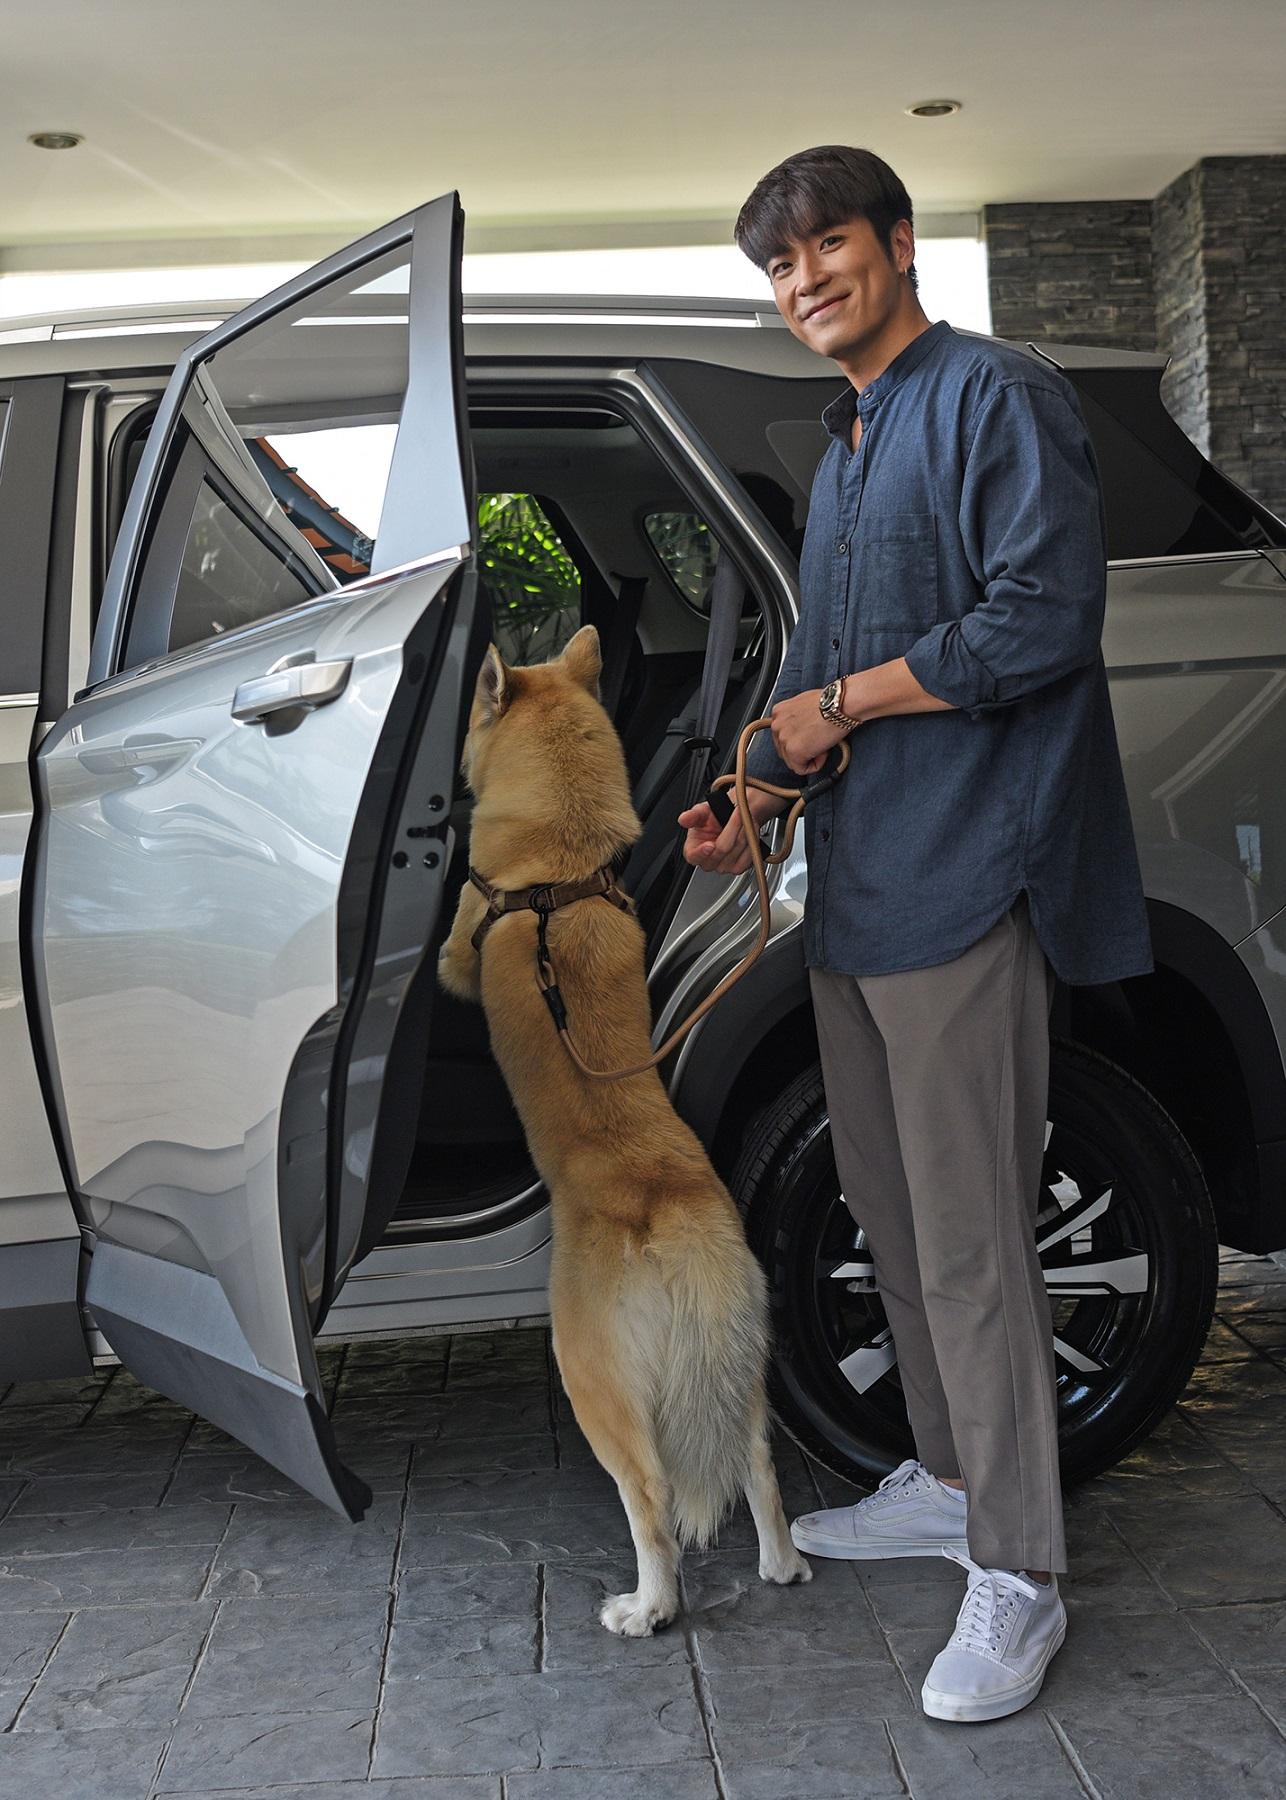 ข่าวรถวันนี้ : เชฟโรเลต แนะเคล็ดลับนำสัตว์เลี้ยงท่องเที่ยวอย่างปลอดภัย